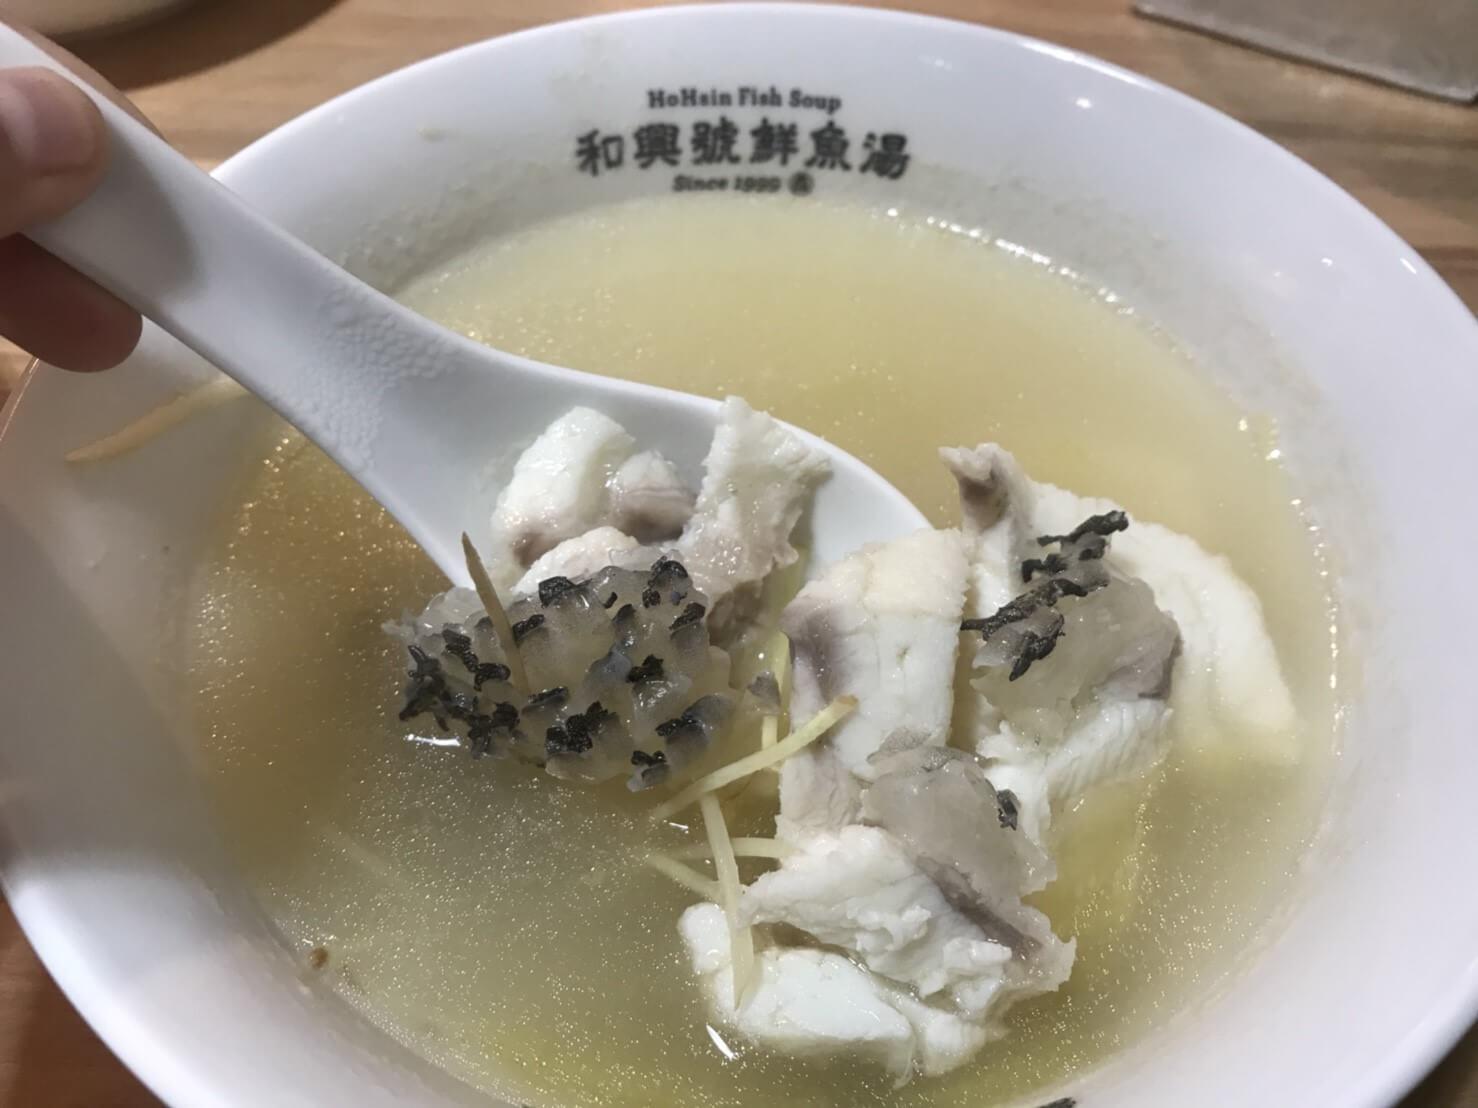 和興號鮮魚湯